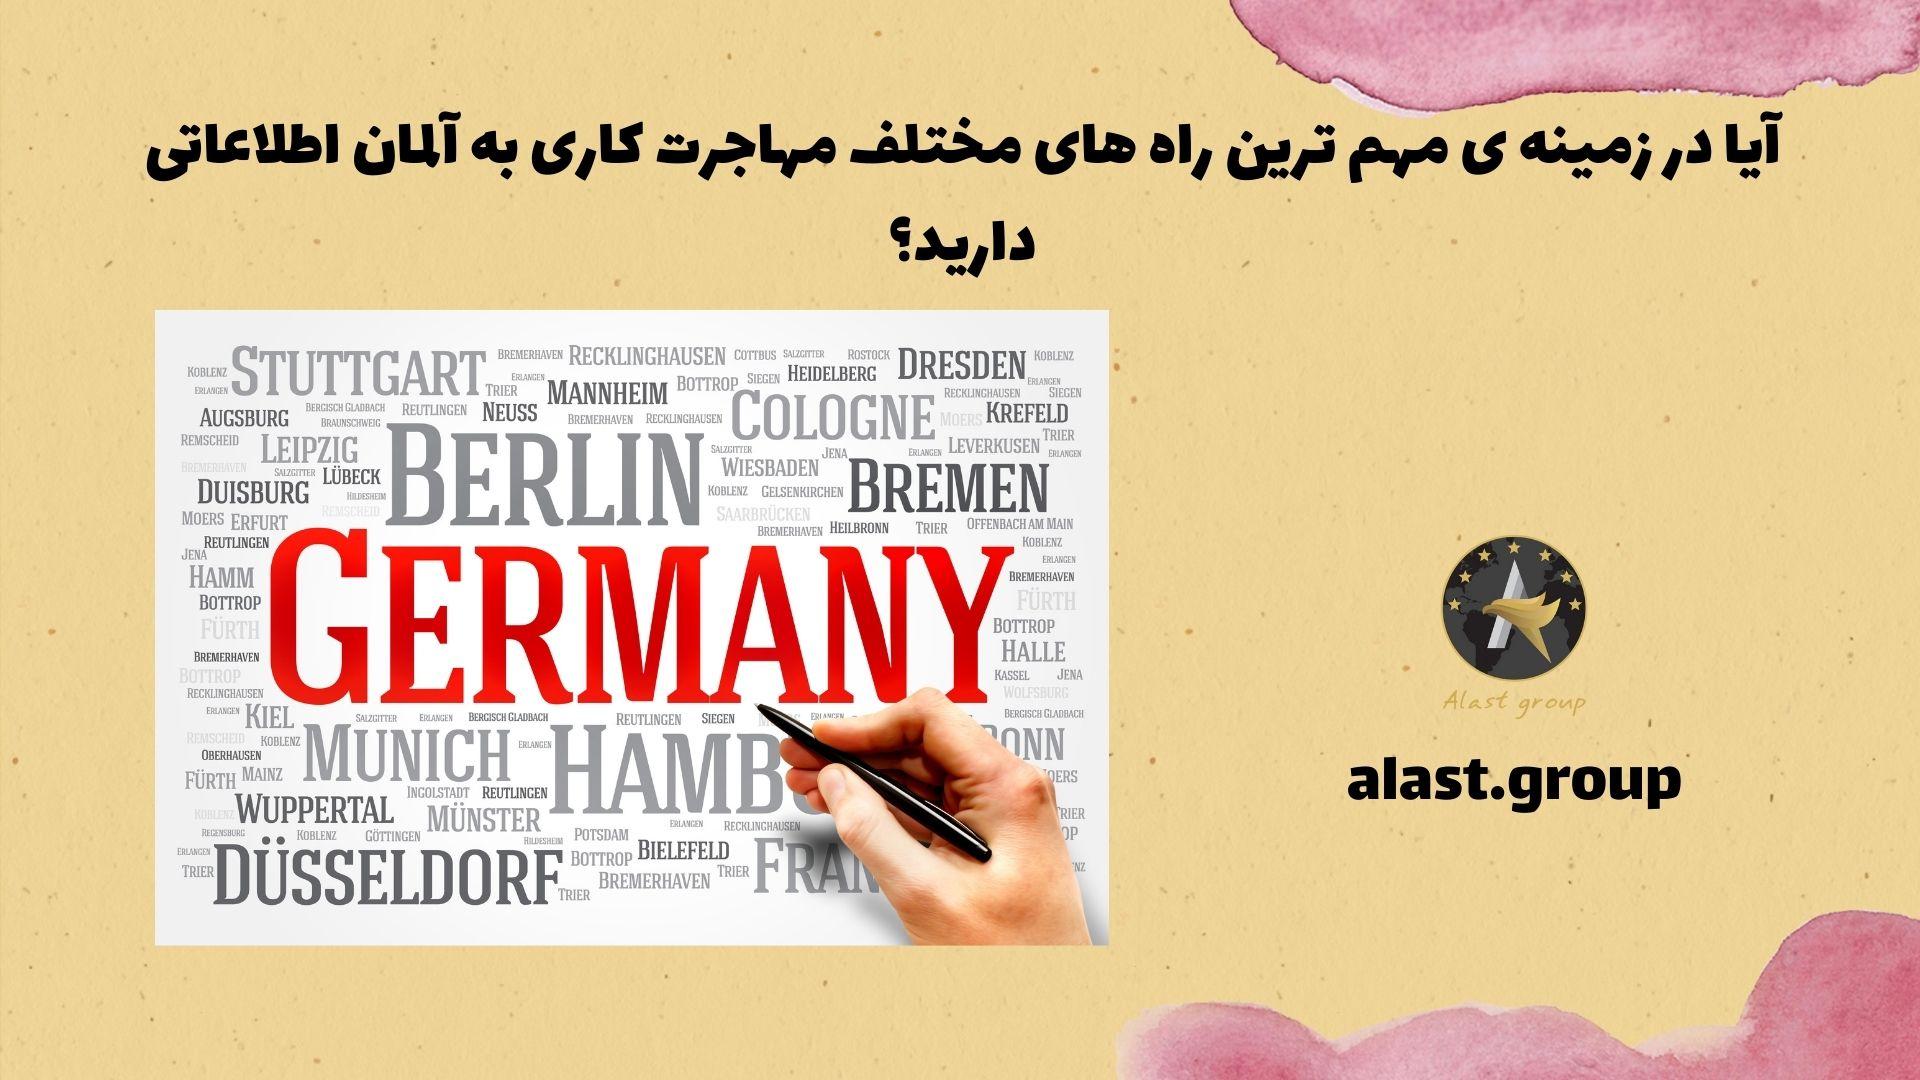 آیا در زمینه ی مهم ترین راه های مختلف مهاجرت کاری به آلمان اطلاعاتی دارید؟